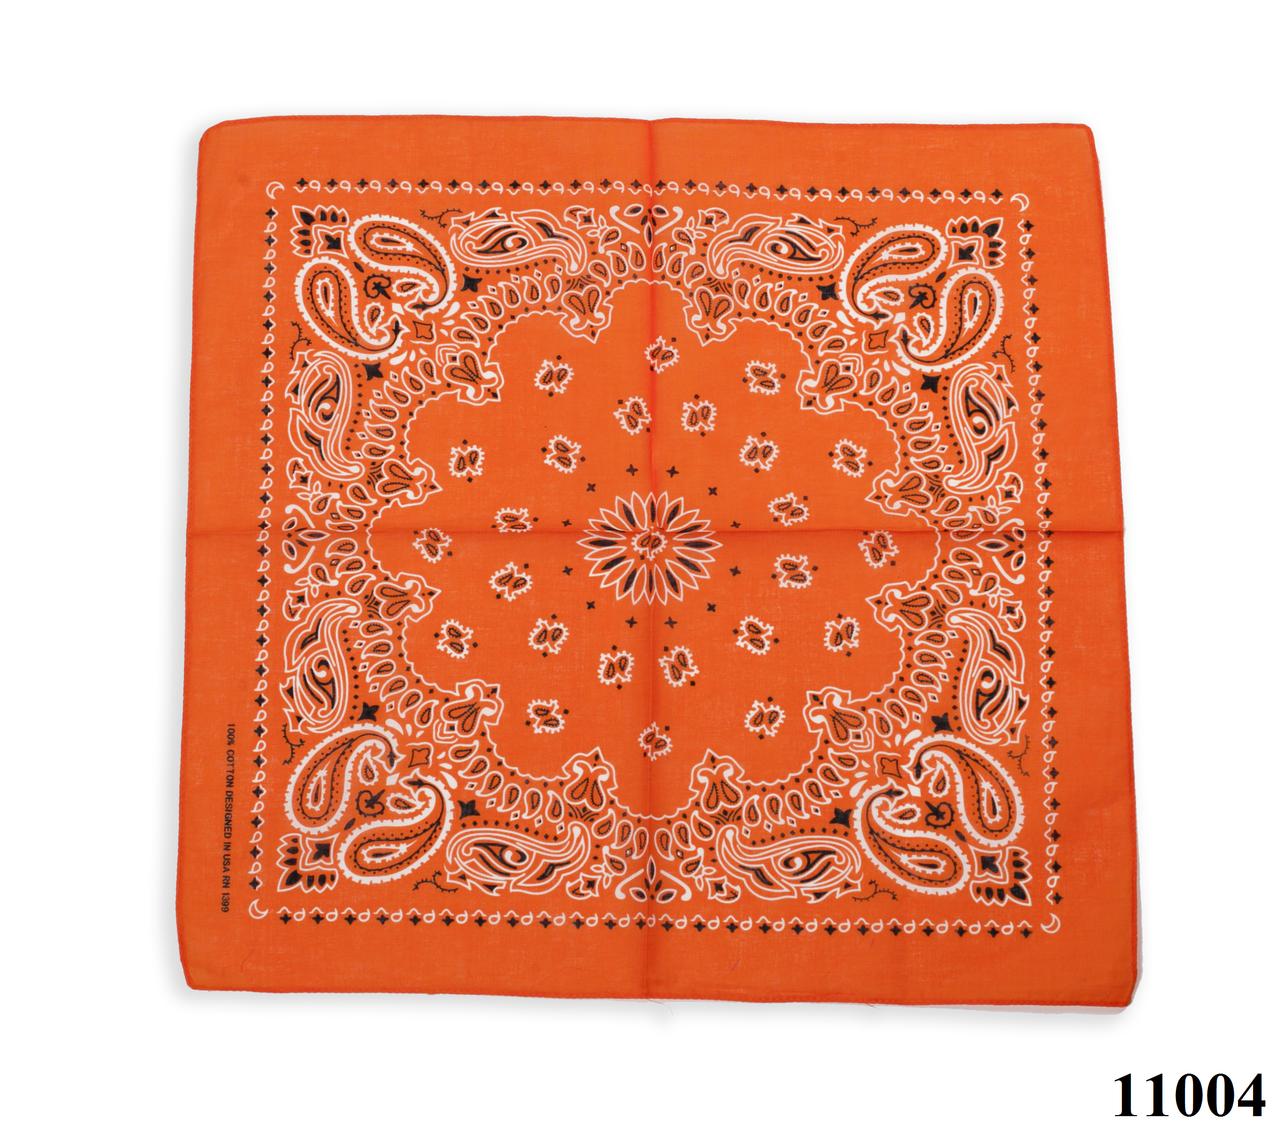 Бандана классическая оранжевая, фото 1